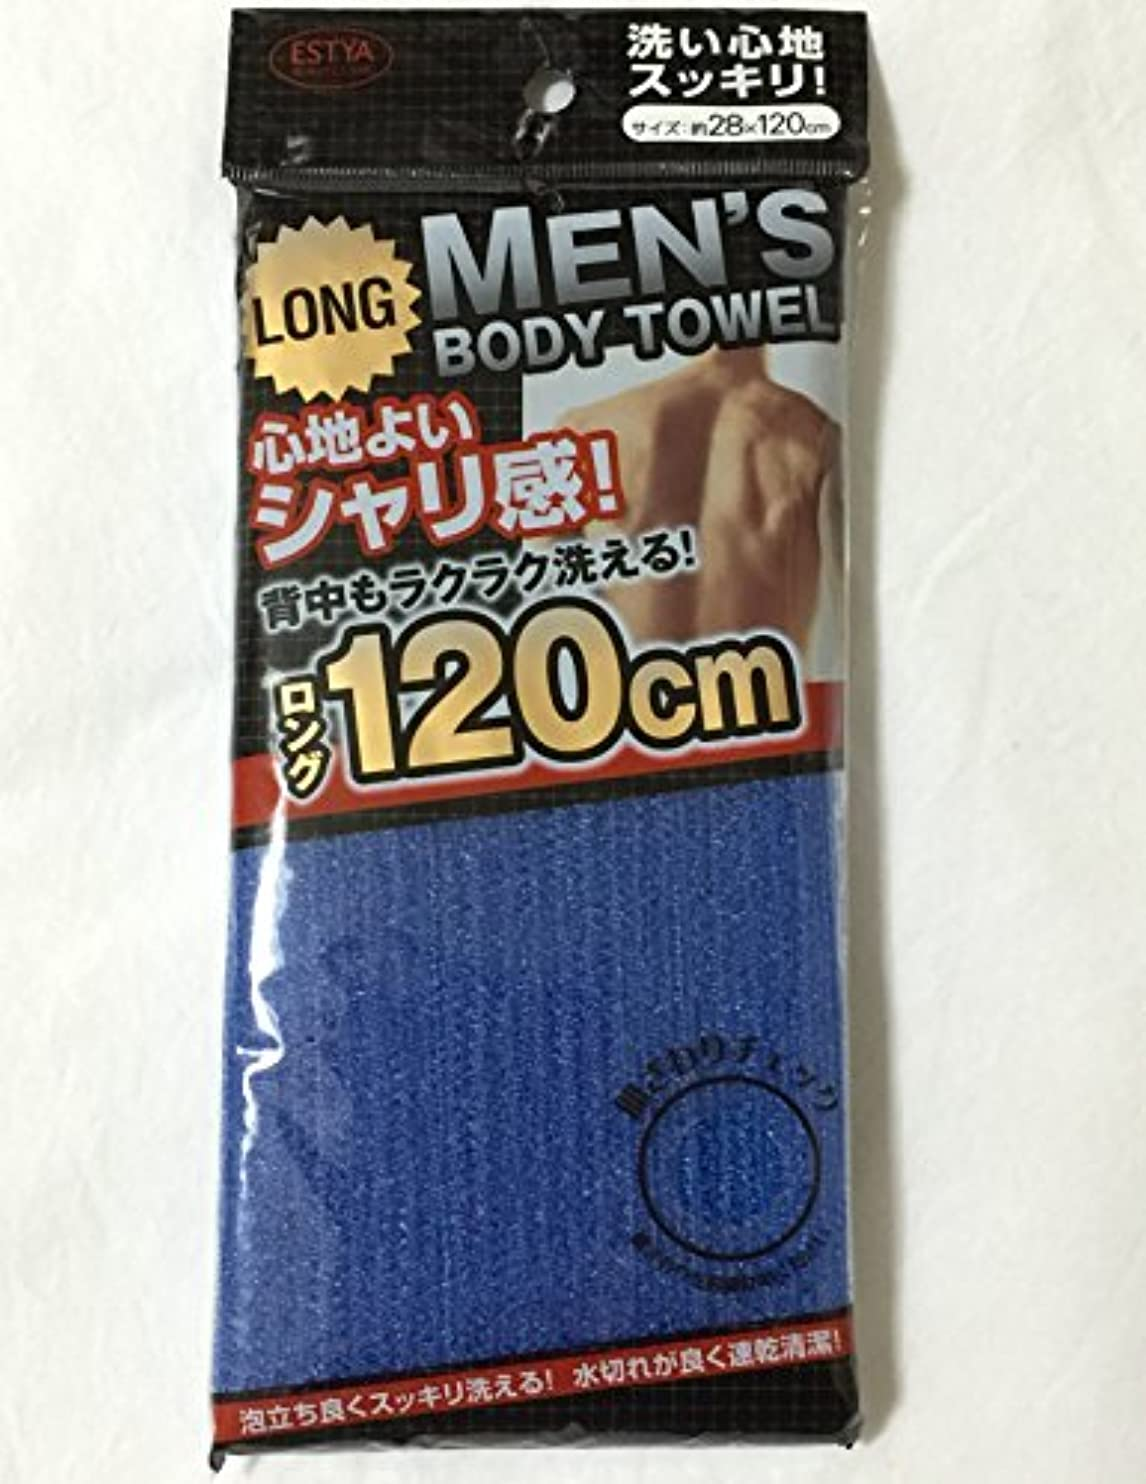 教師の日偽物前任者メンズ ボディー  タオル 120cm ( かため ) スッキリ 爽快 ! 男性用 ロング ナイロン タオル